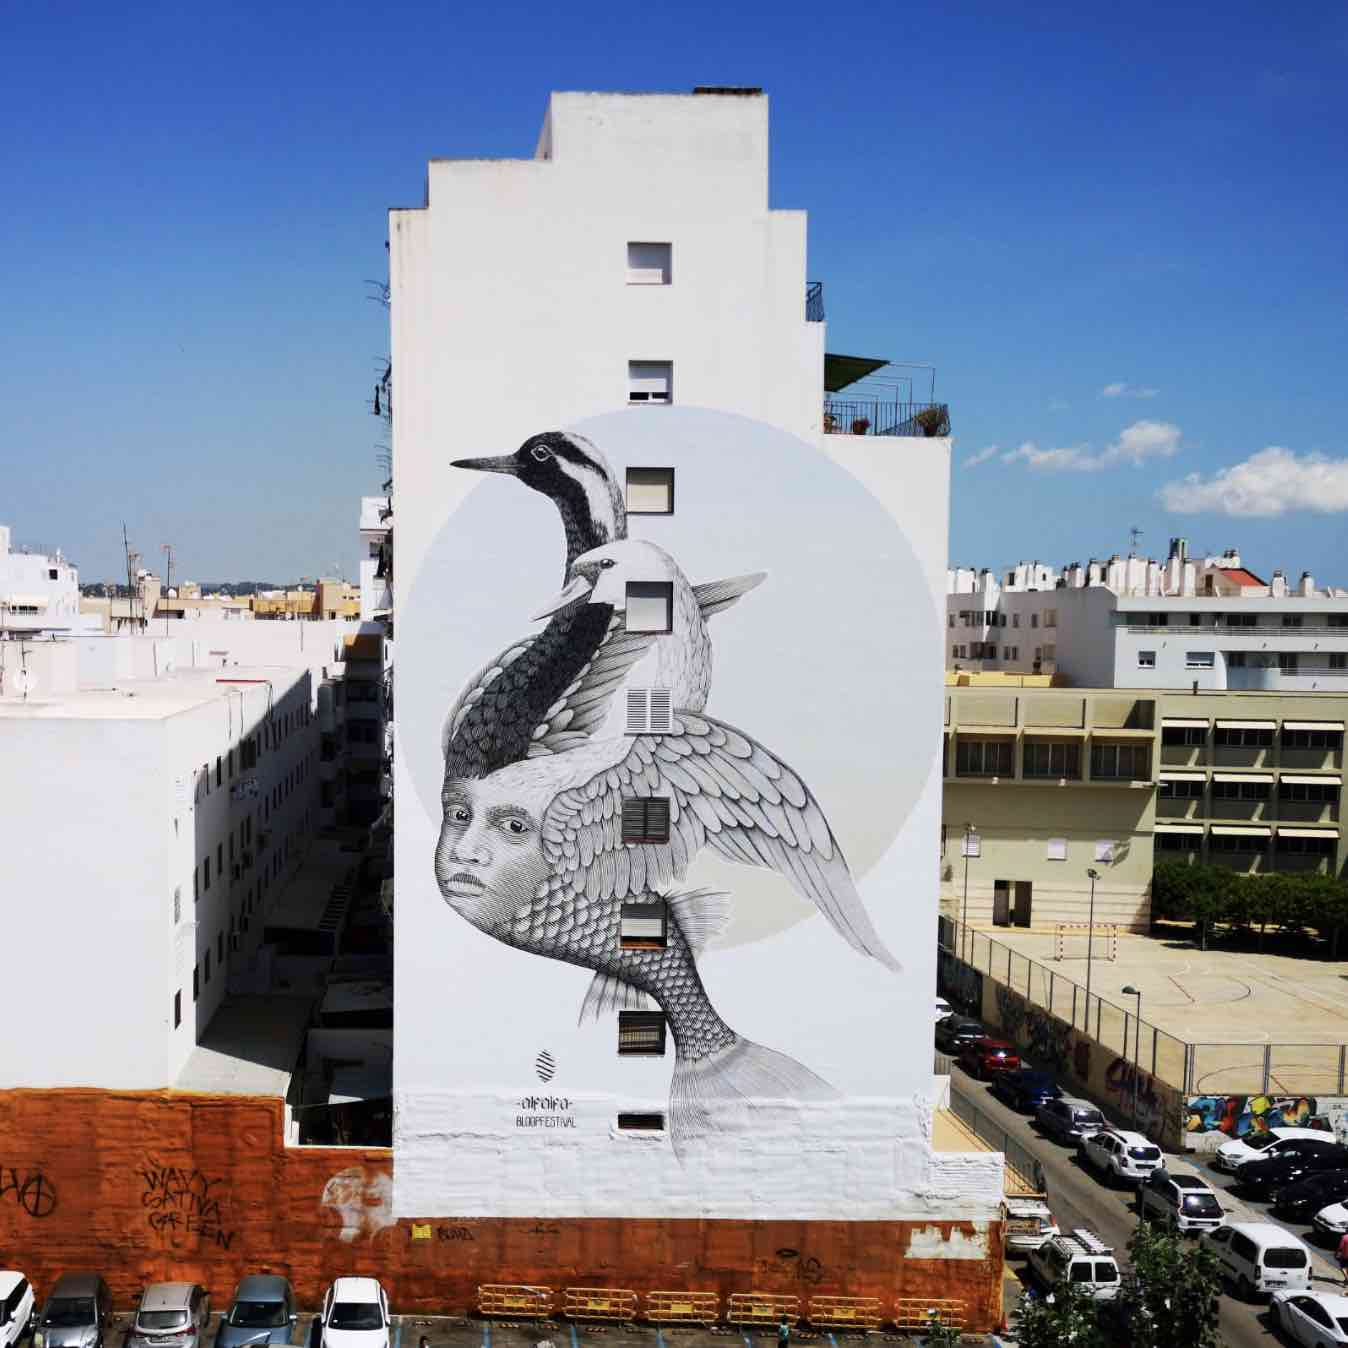 HOPE mural by Alfalfa - Photo by Bloop Festival.